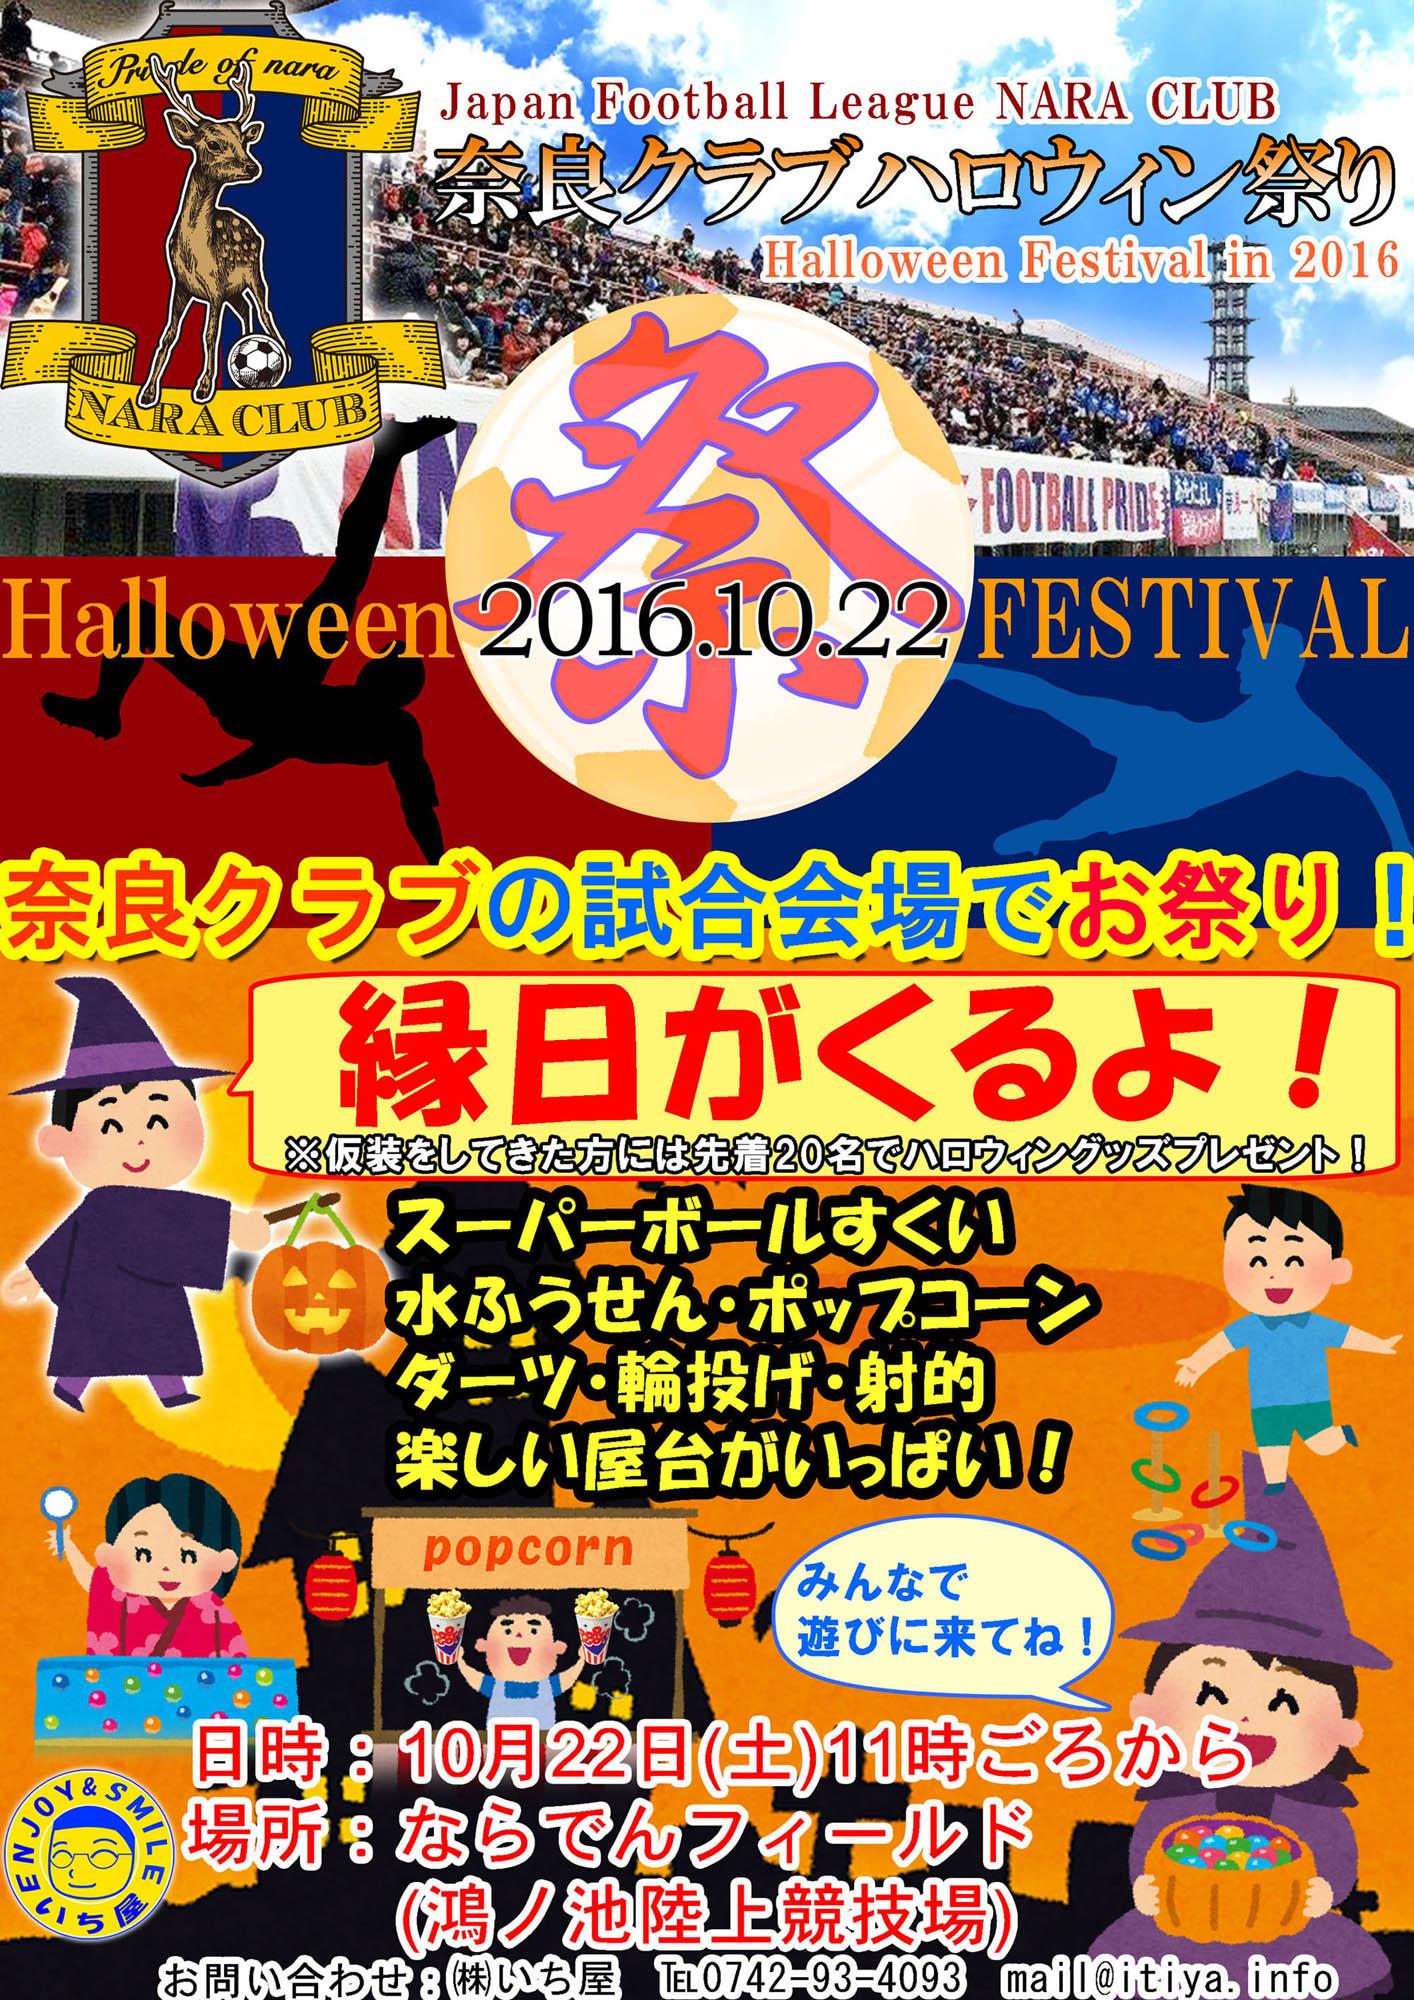 奈良クラブ祭り 縁日が来るよ